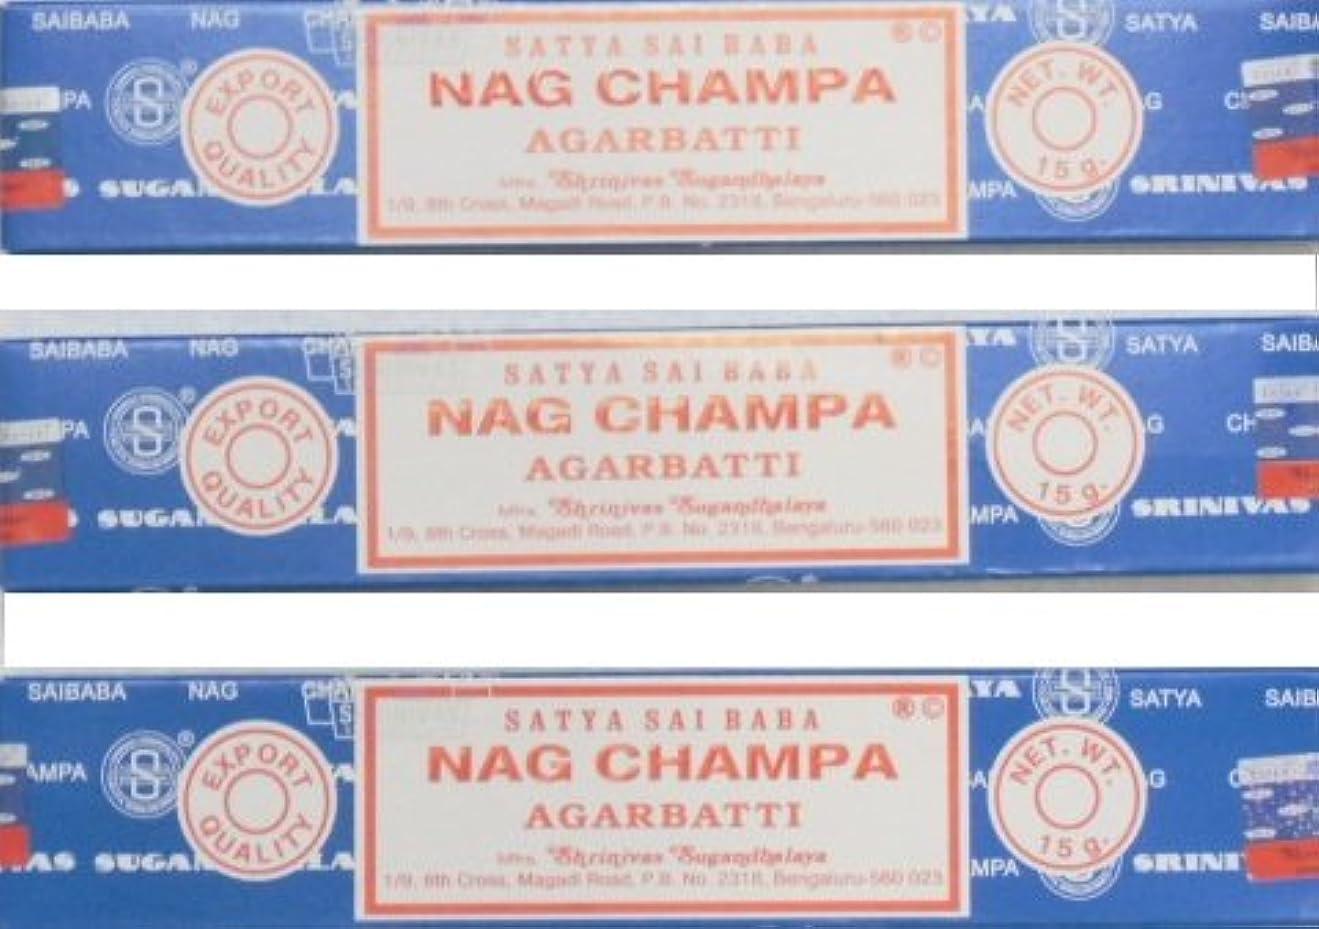 こだわり囲むスリップシューズサイババナグチャンパ香15g 3箱セット SATYA-02